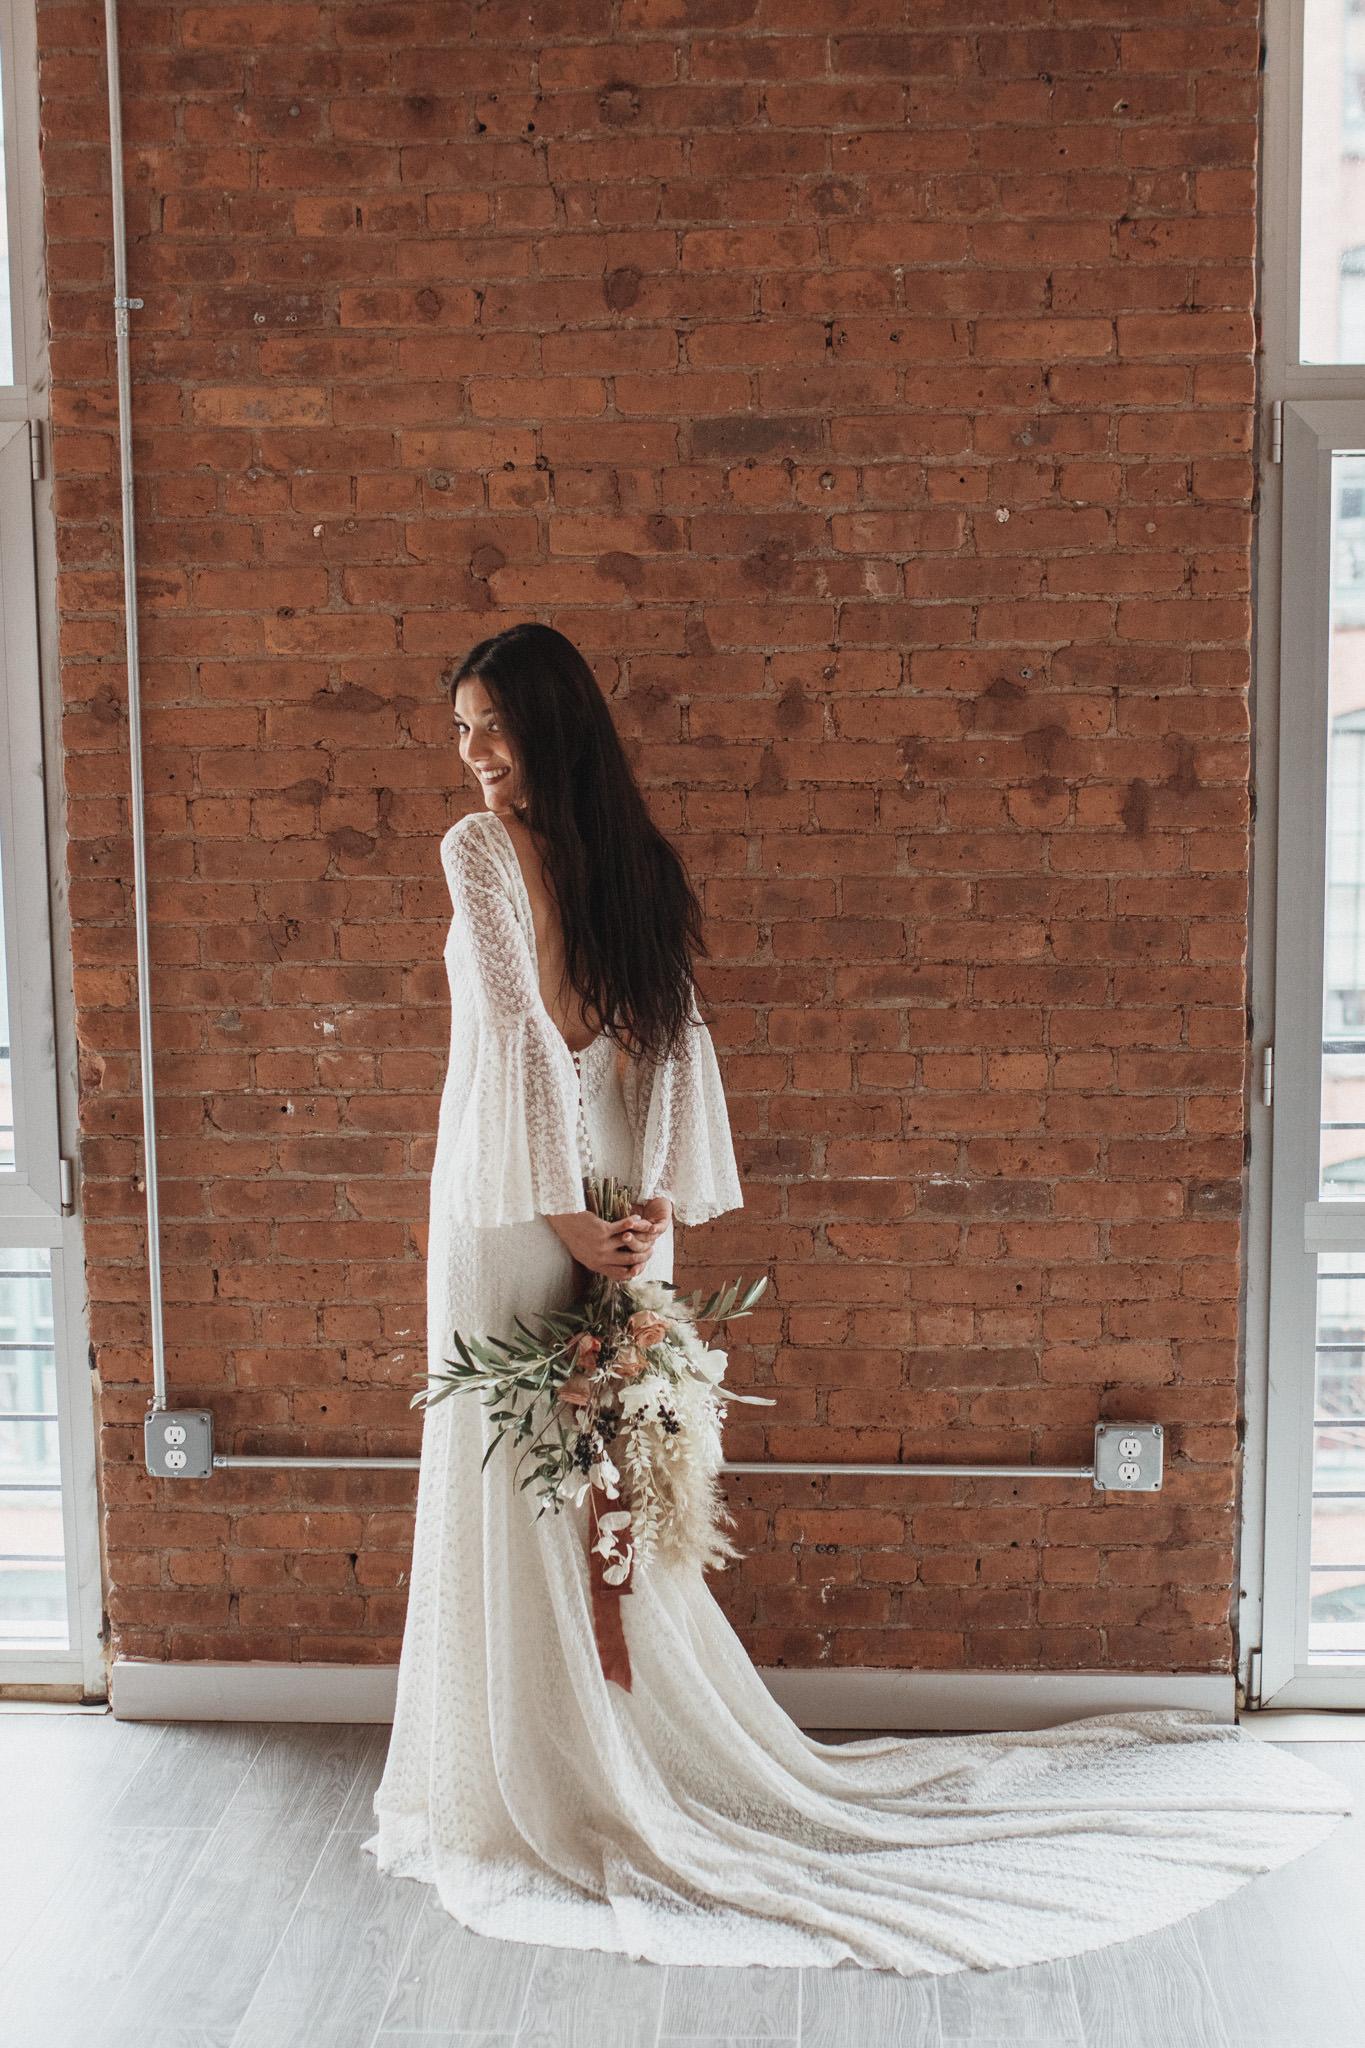 otaduy wedding dress brooklyn 4 1